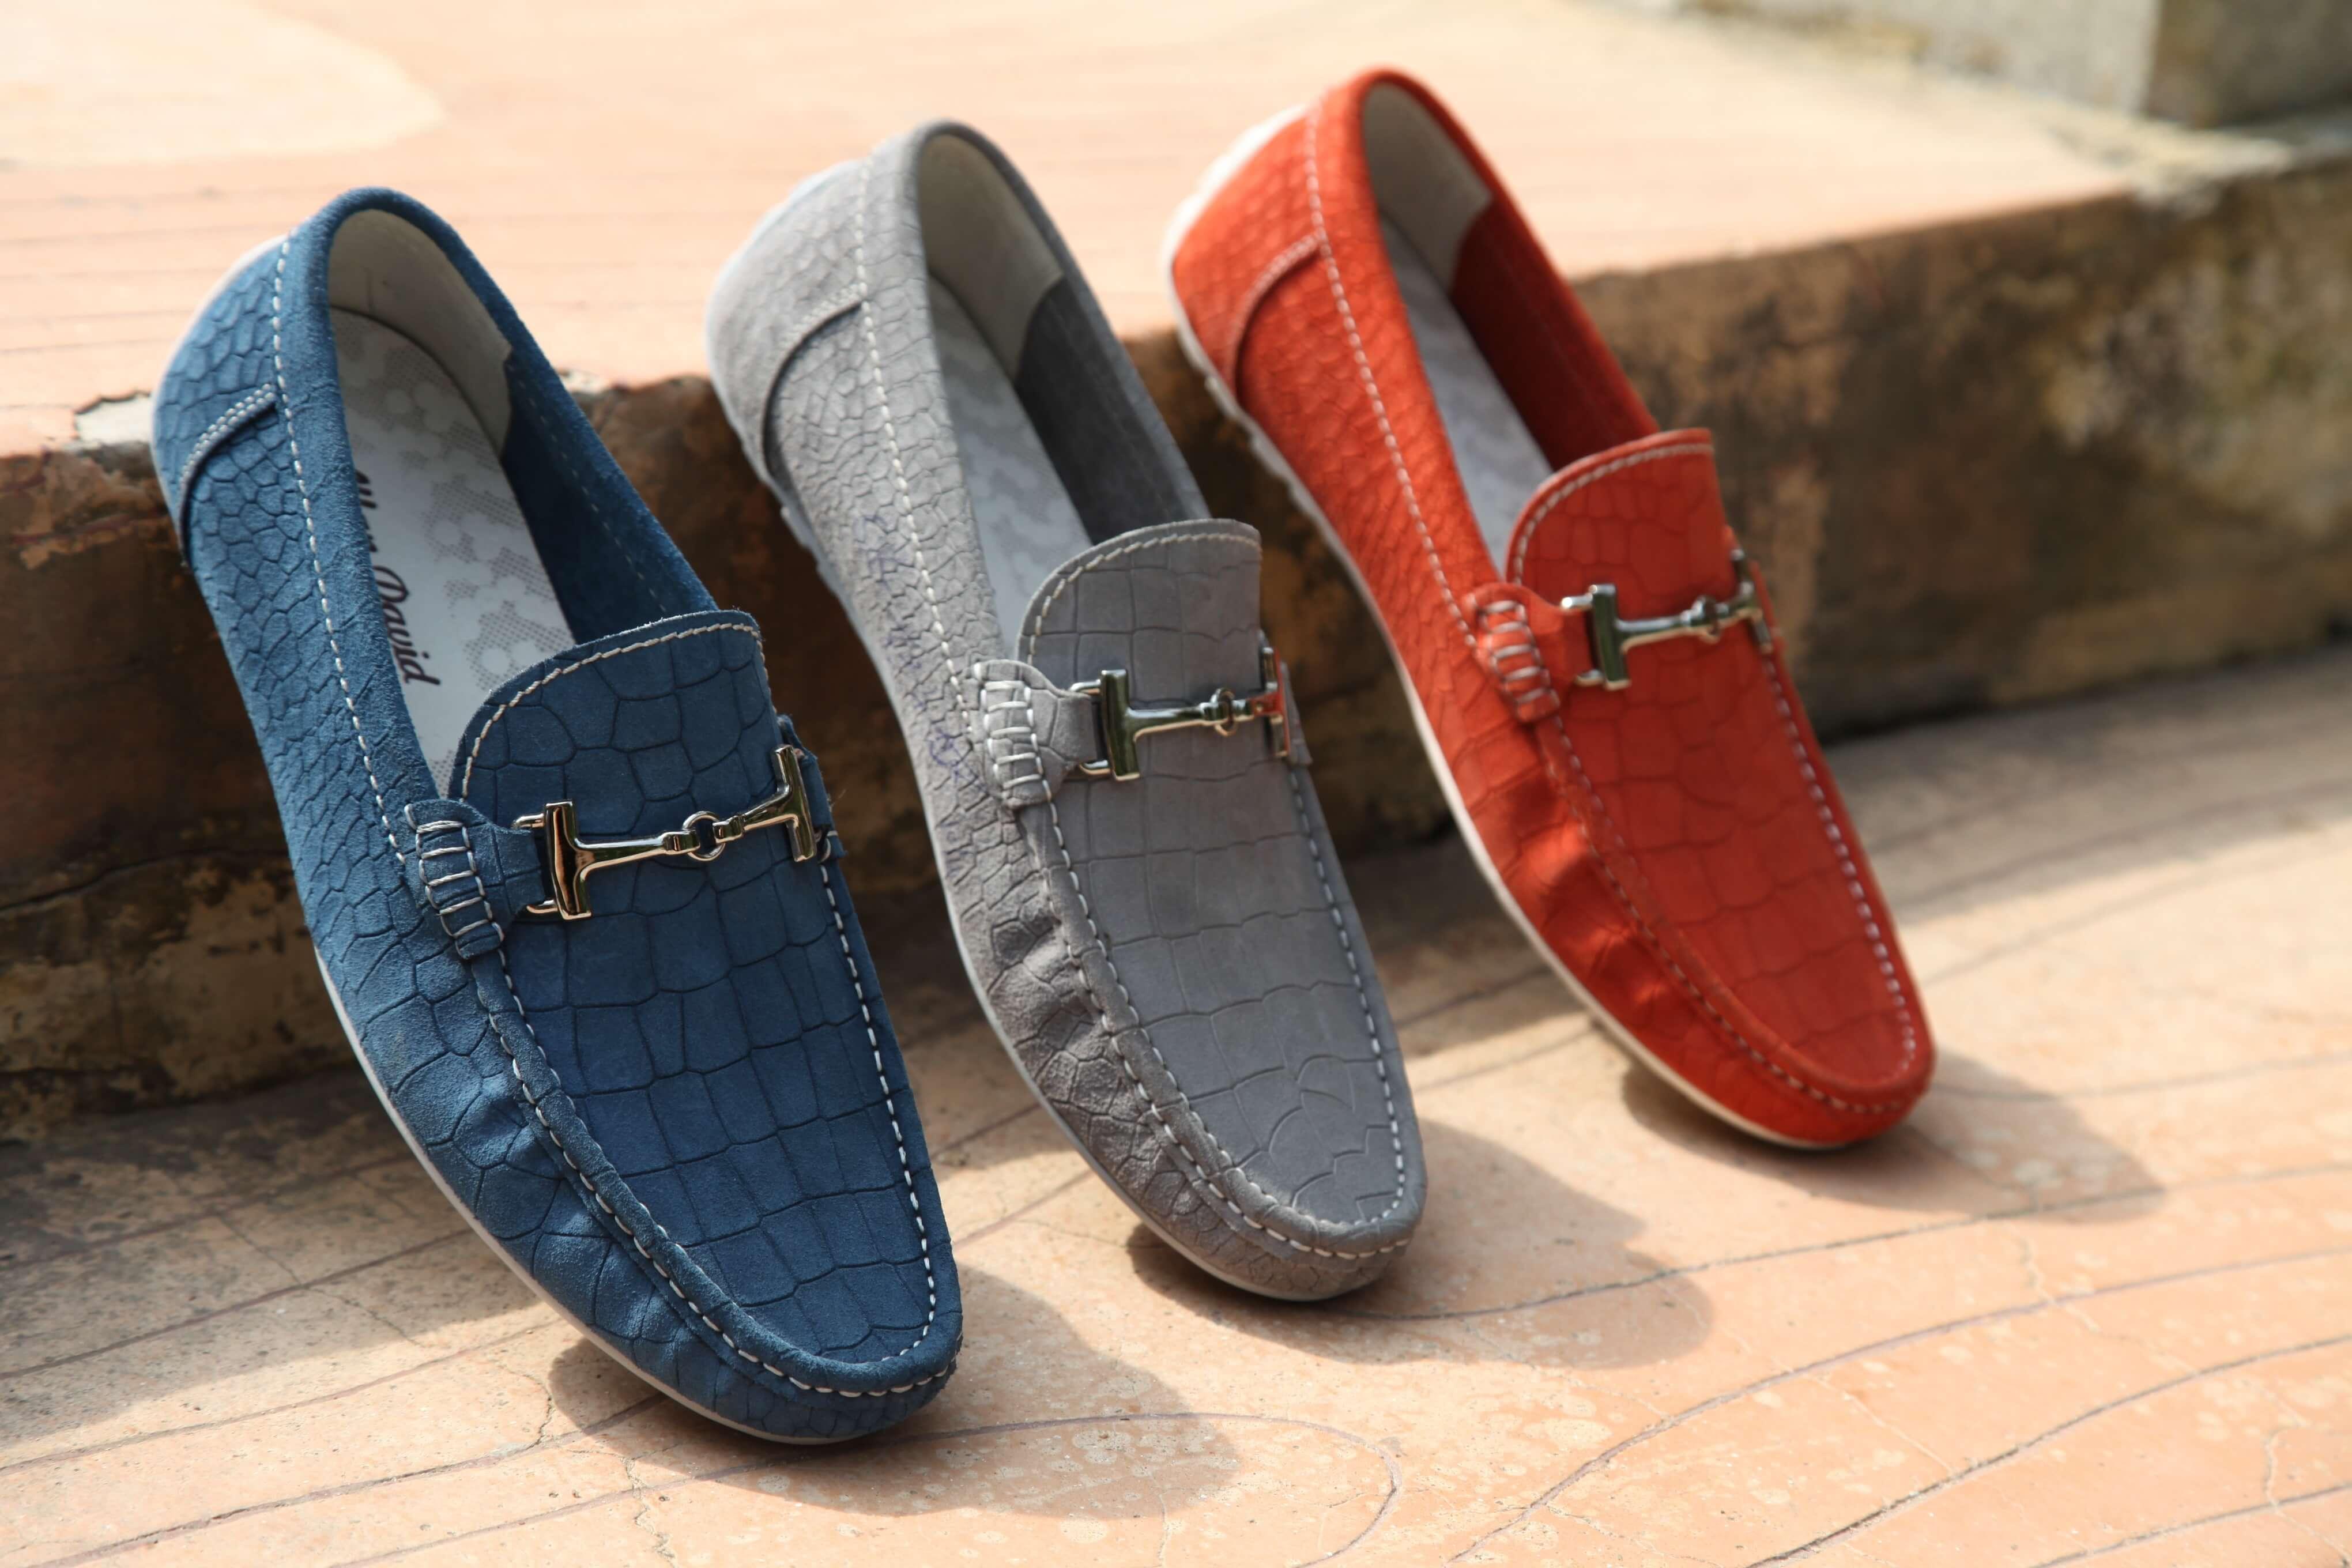 Quelle est la tendance des chaussures confortables pour homme?